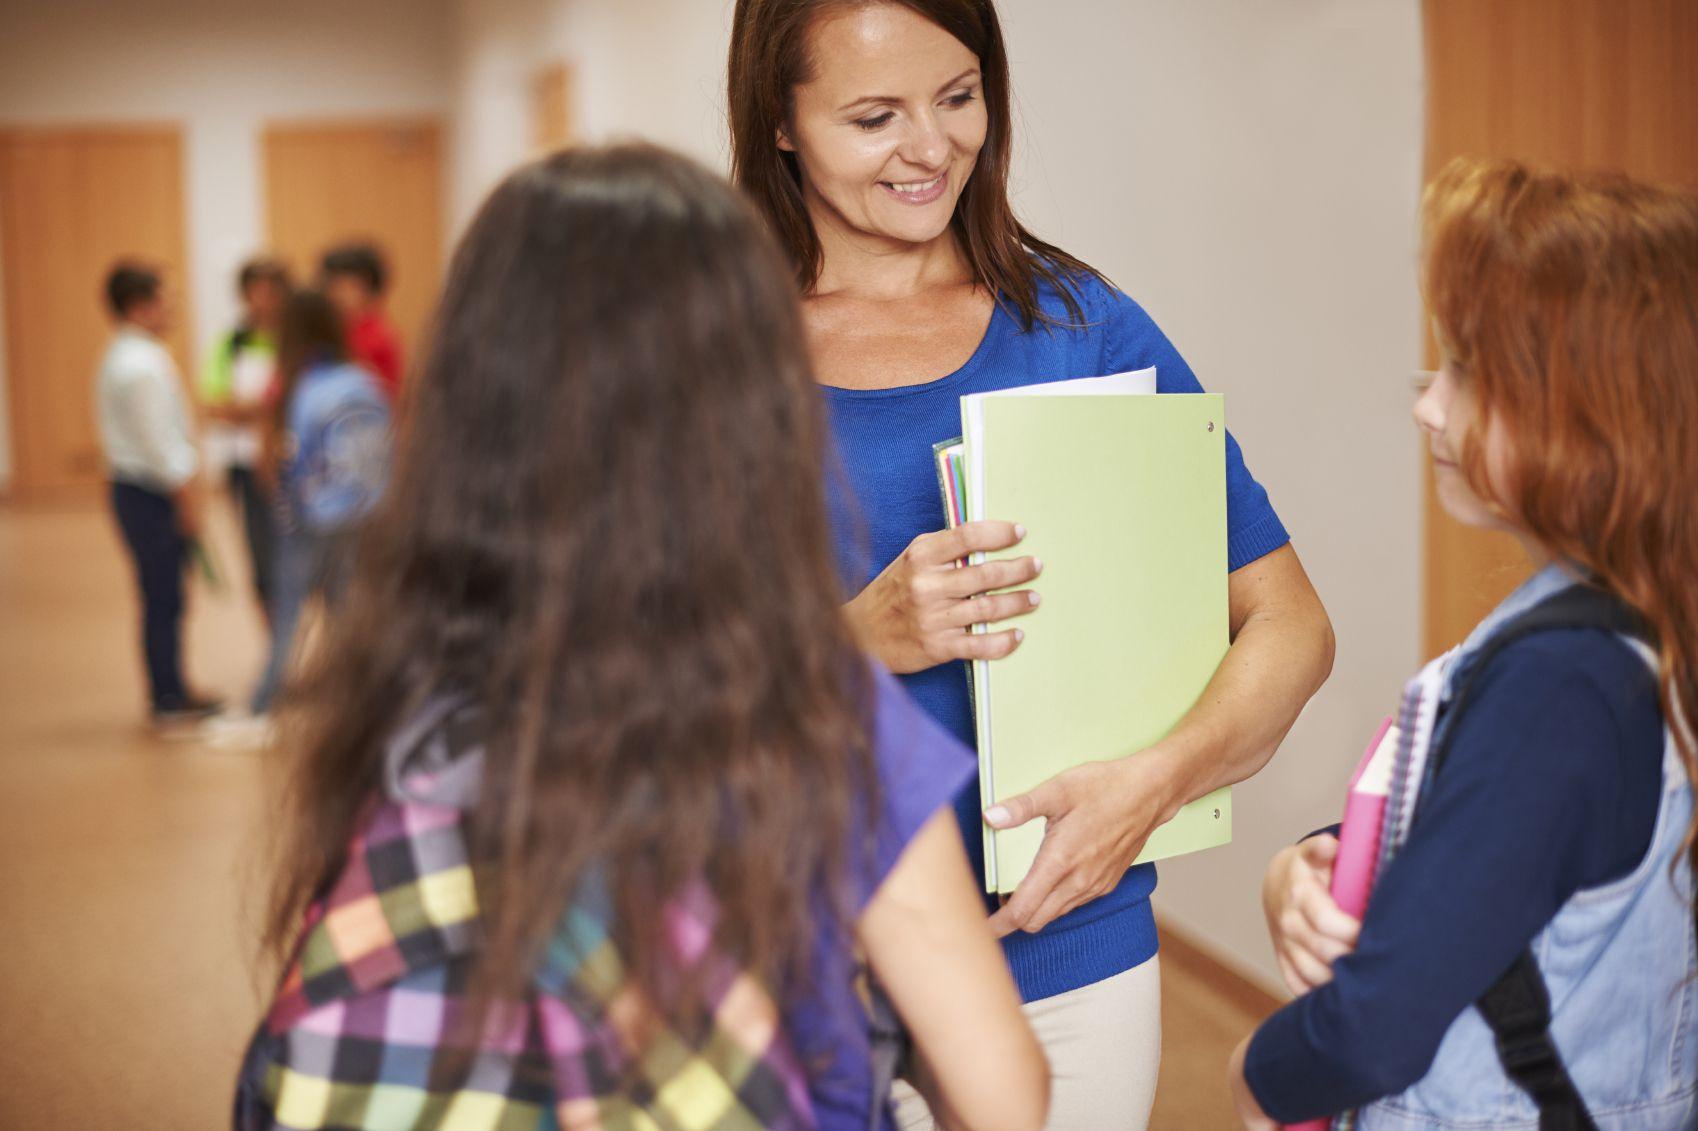 Por que as escolas devem usar um sistema de gestão acadêmica?